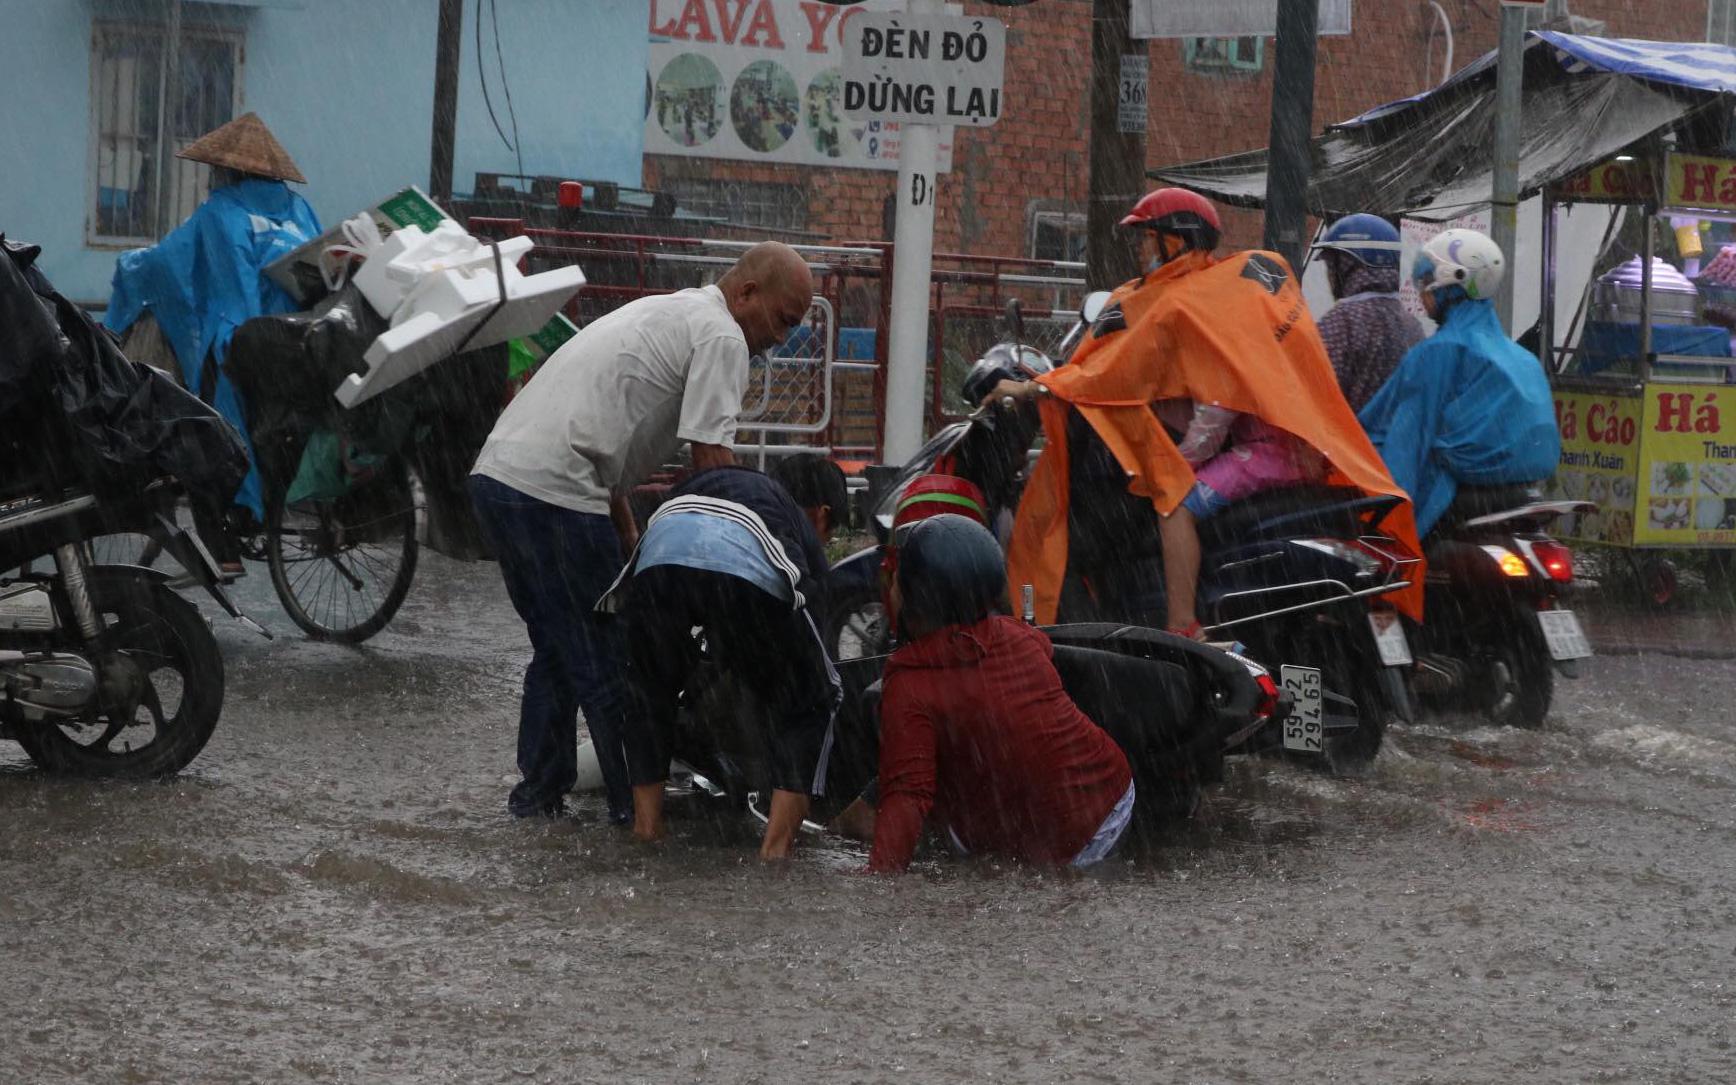 Flooding, congestion torment commuters as downpour batters Ho Chi Minh City